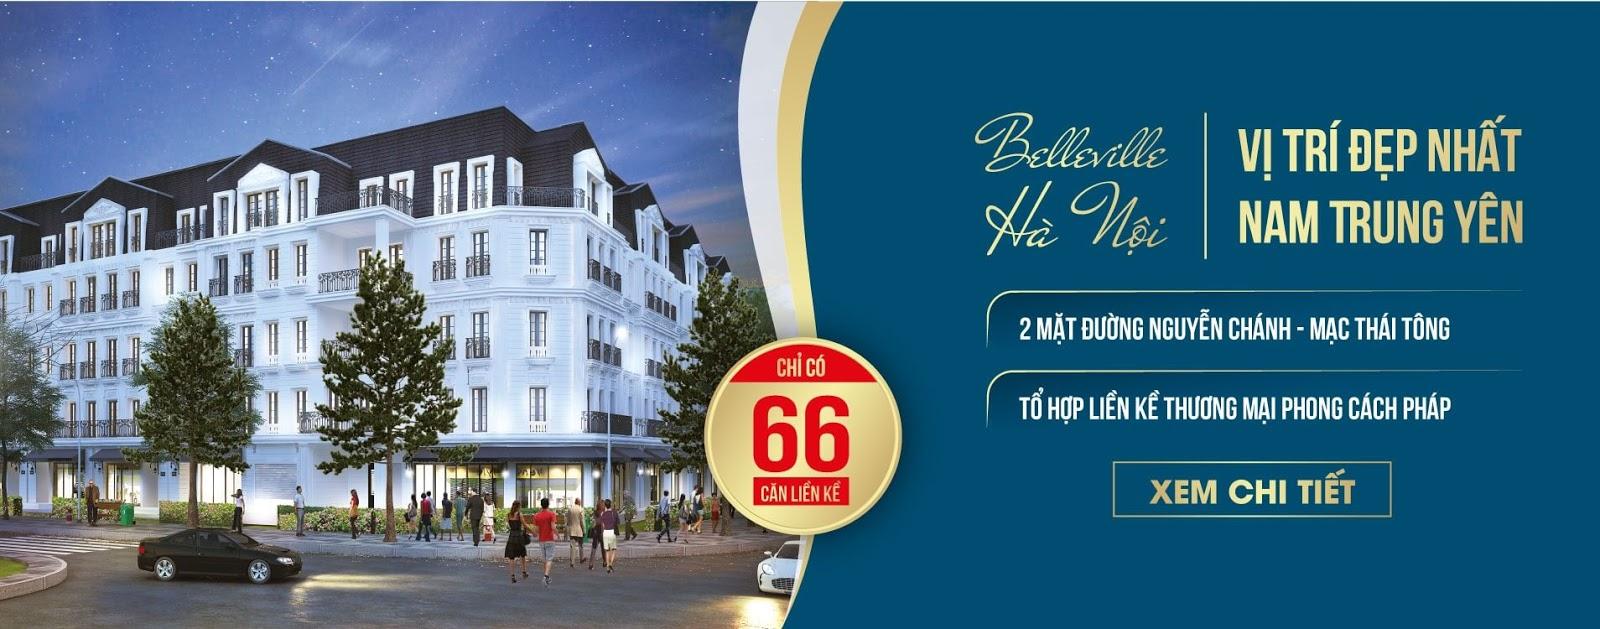 Mở bán biệt thự liền kề dự án Belleville Hà Nội